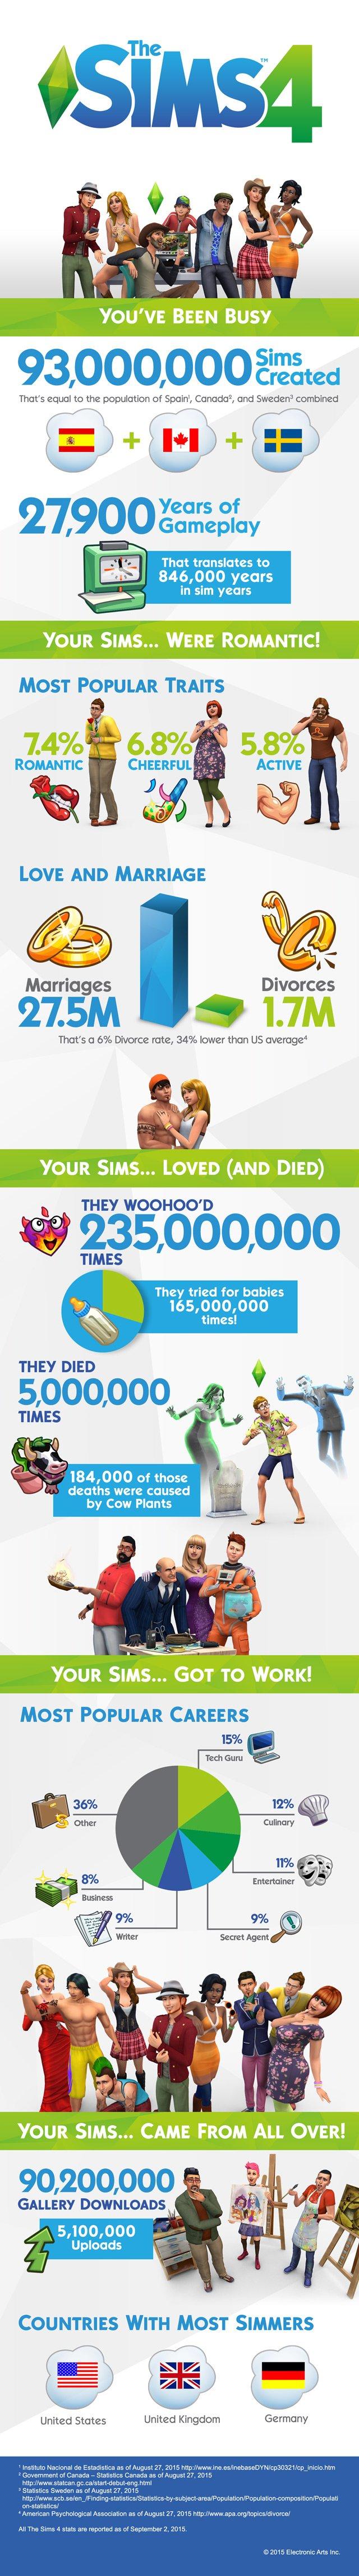 За год создано 93 млн симов - Изображение 2